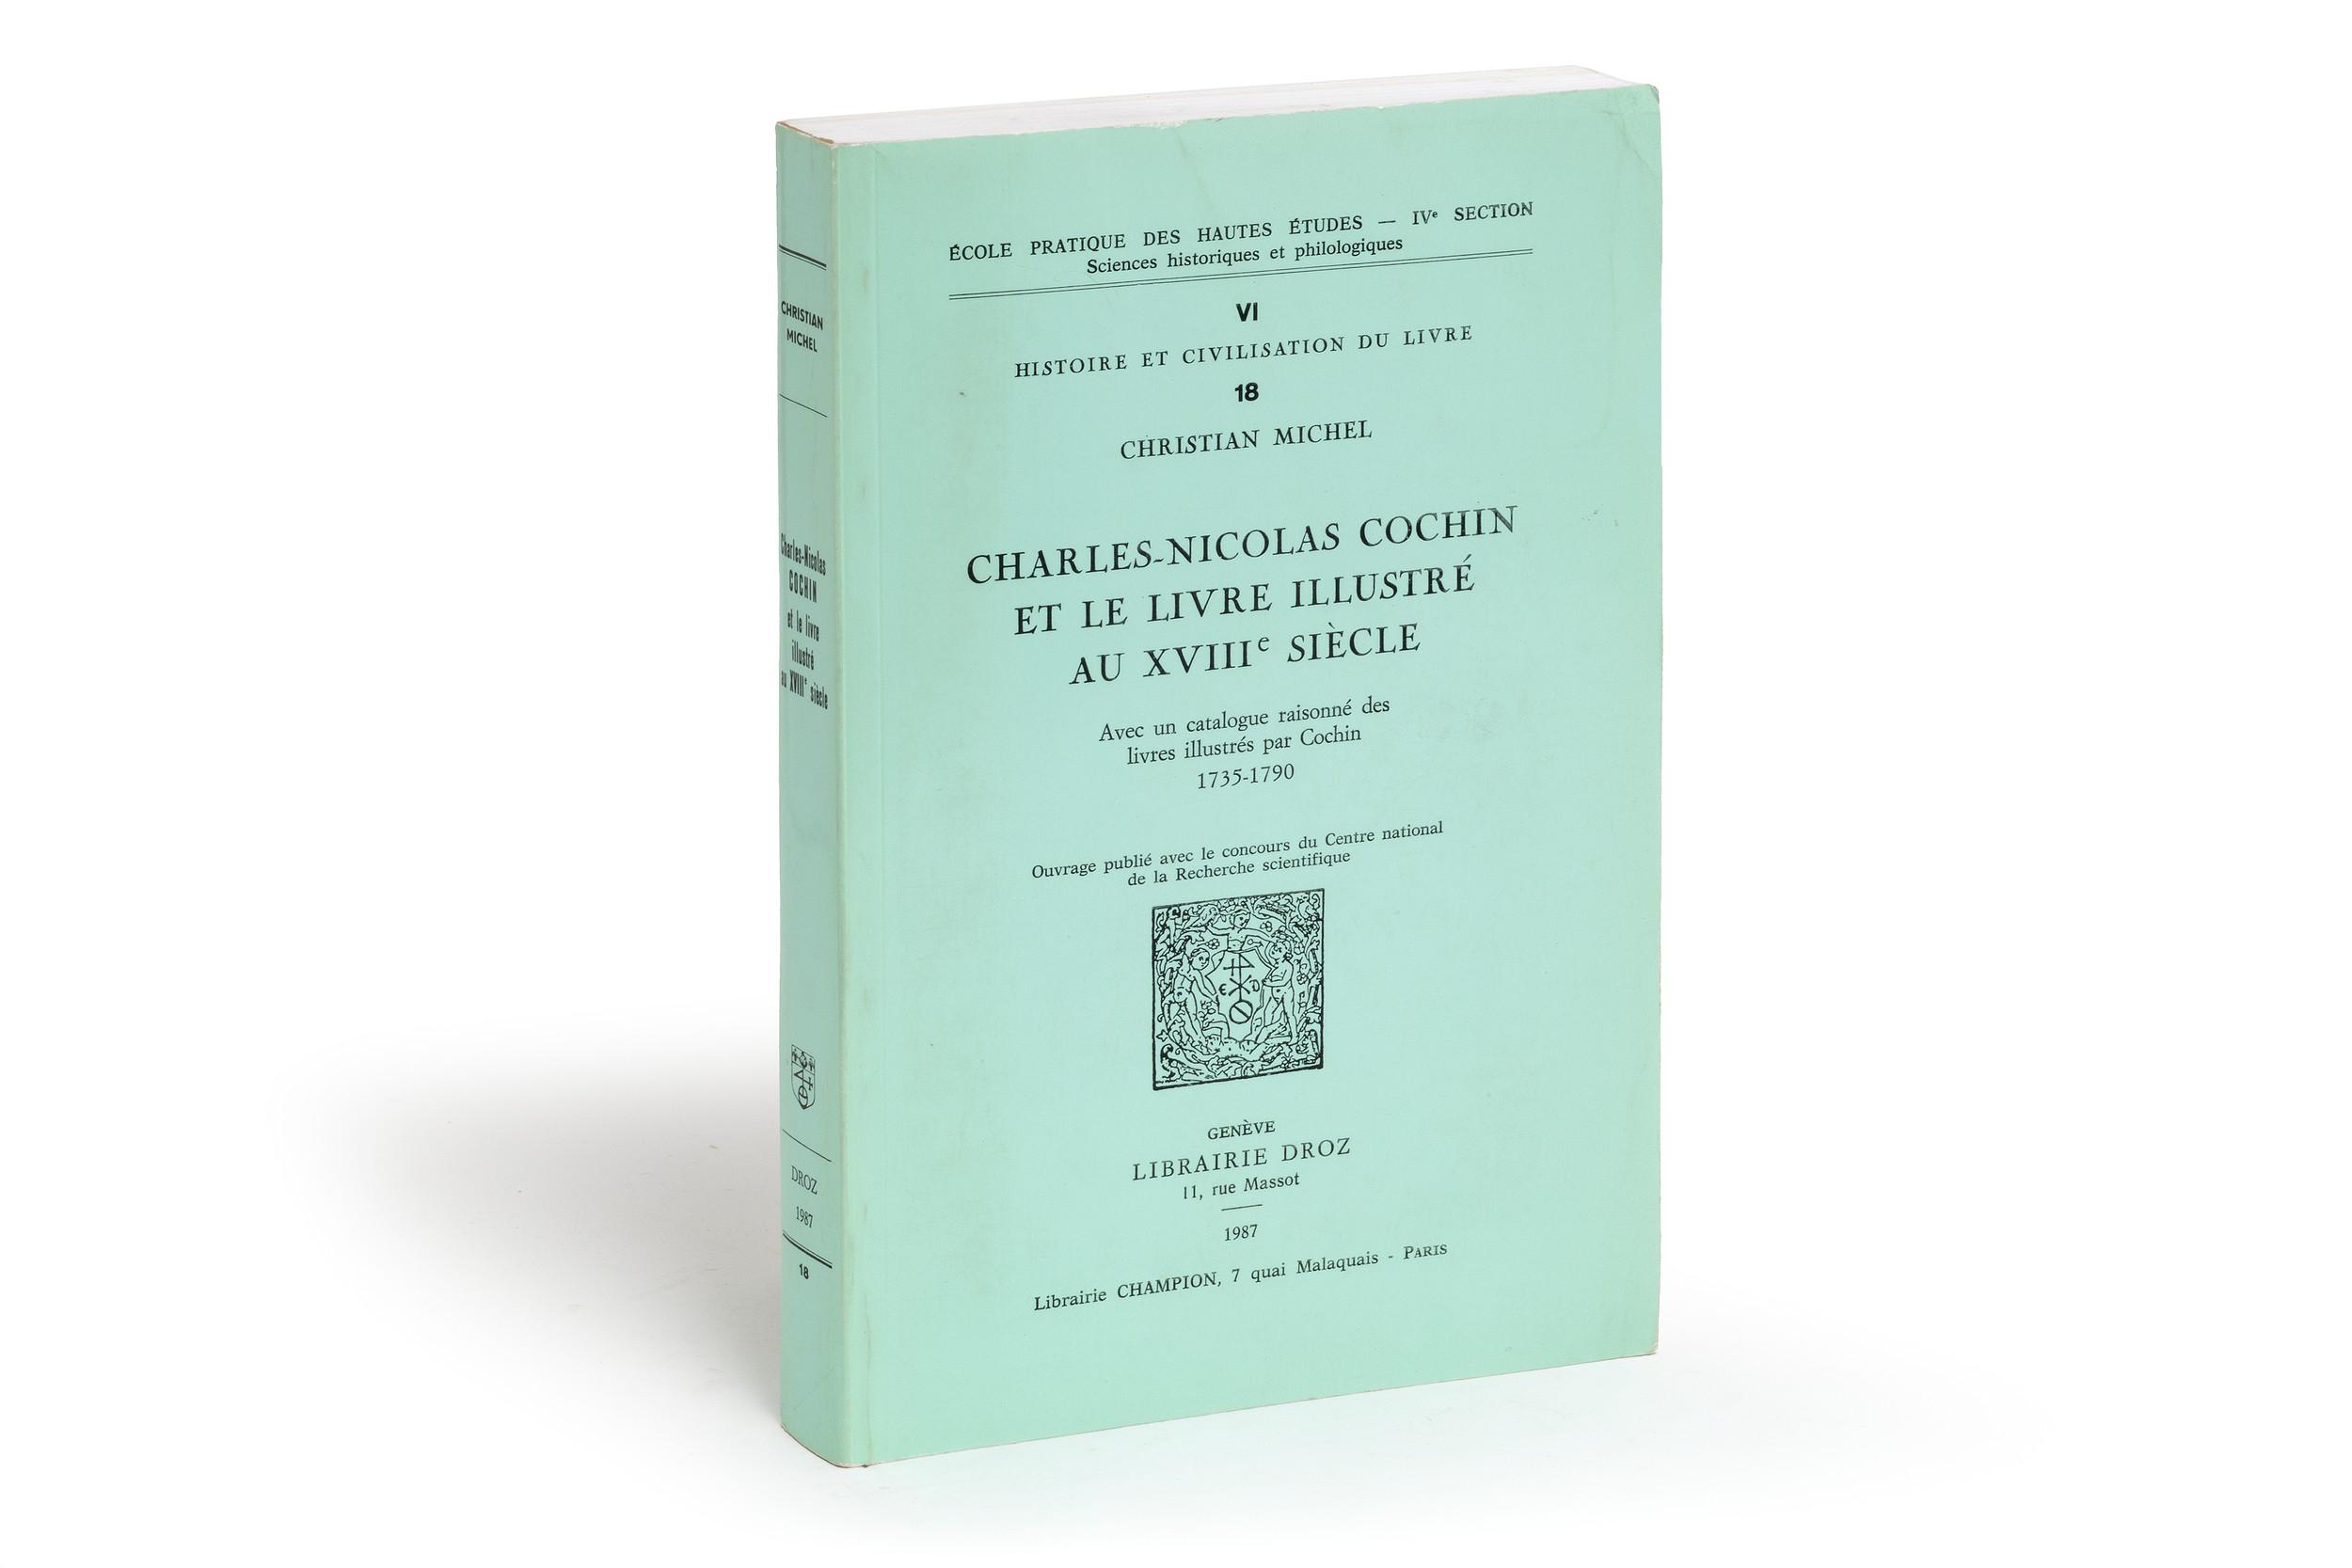 Charles Nicolas Cochin Et Le Livre Illustre Au Xviiie Siecle Avec Un Catalogue Raisonne Des Livres Illustres Par Cochin 1735 1790 Publications De